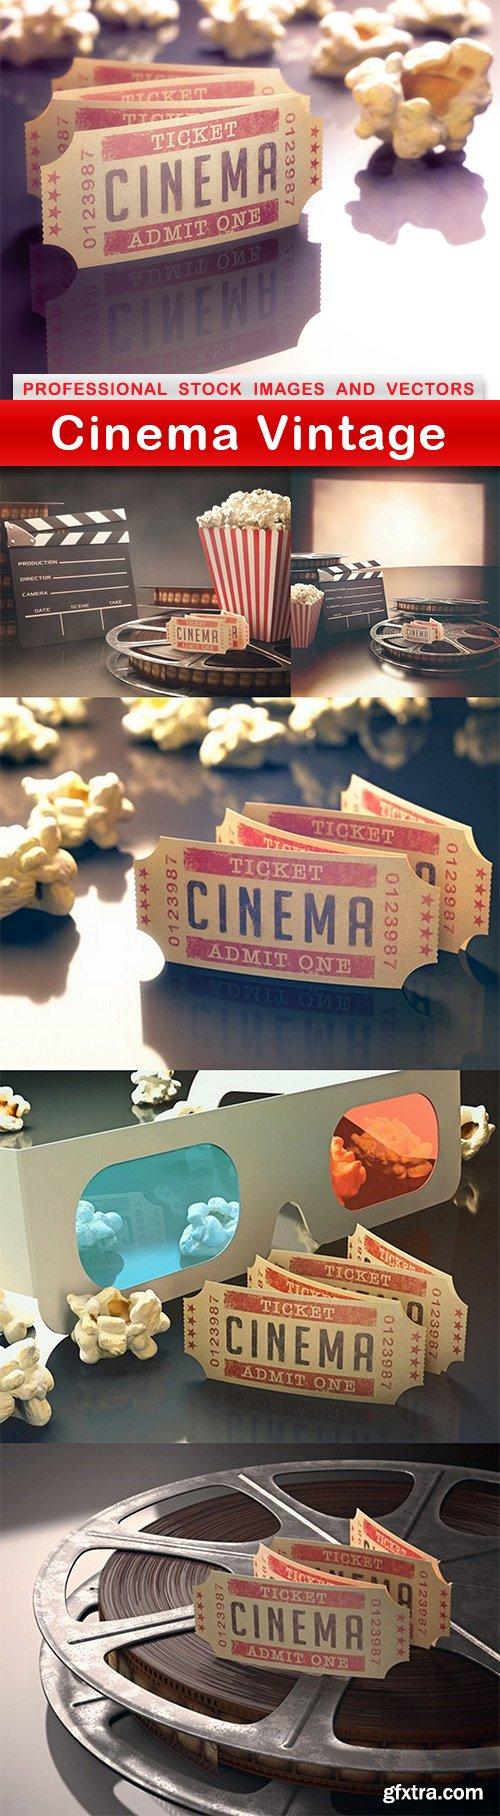 Cinema Vintage - 6 UHQ JPEG